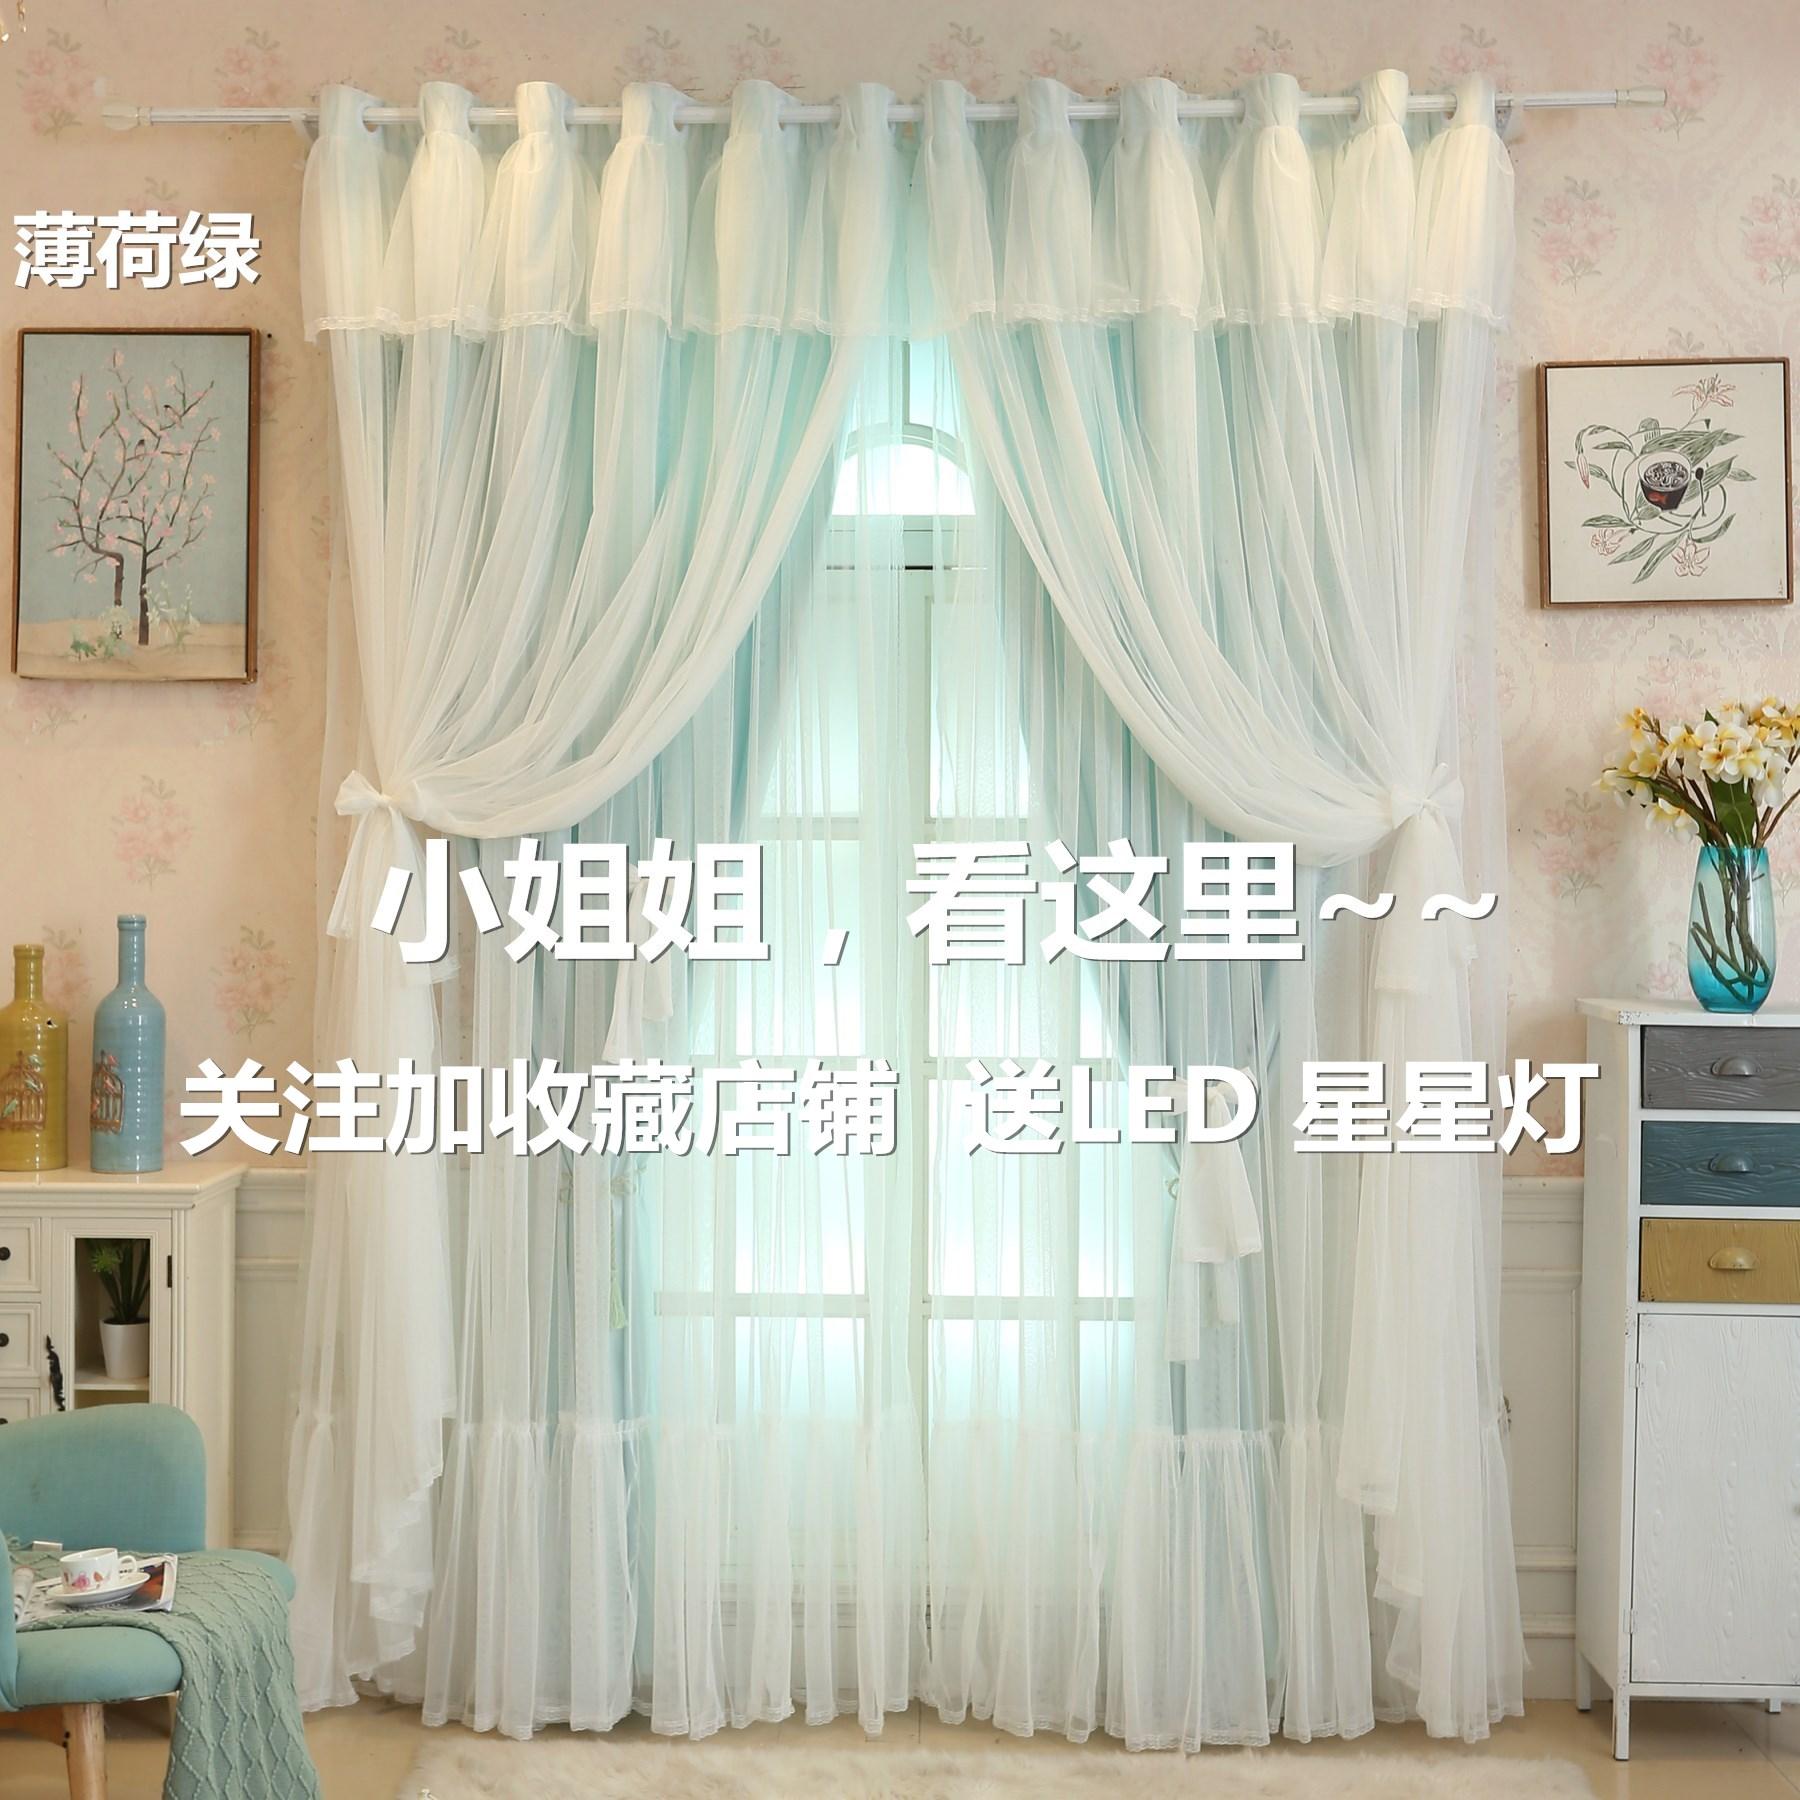 Купить Шторы в Китае, в интернет магазине таобао на русском языке